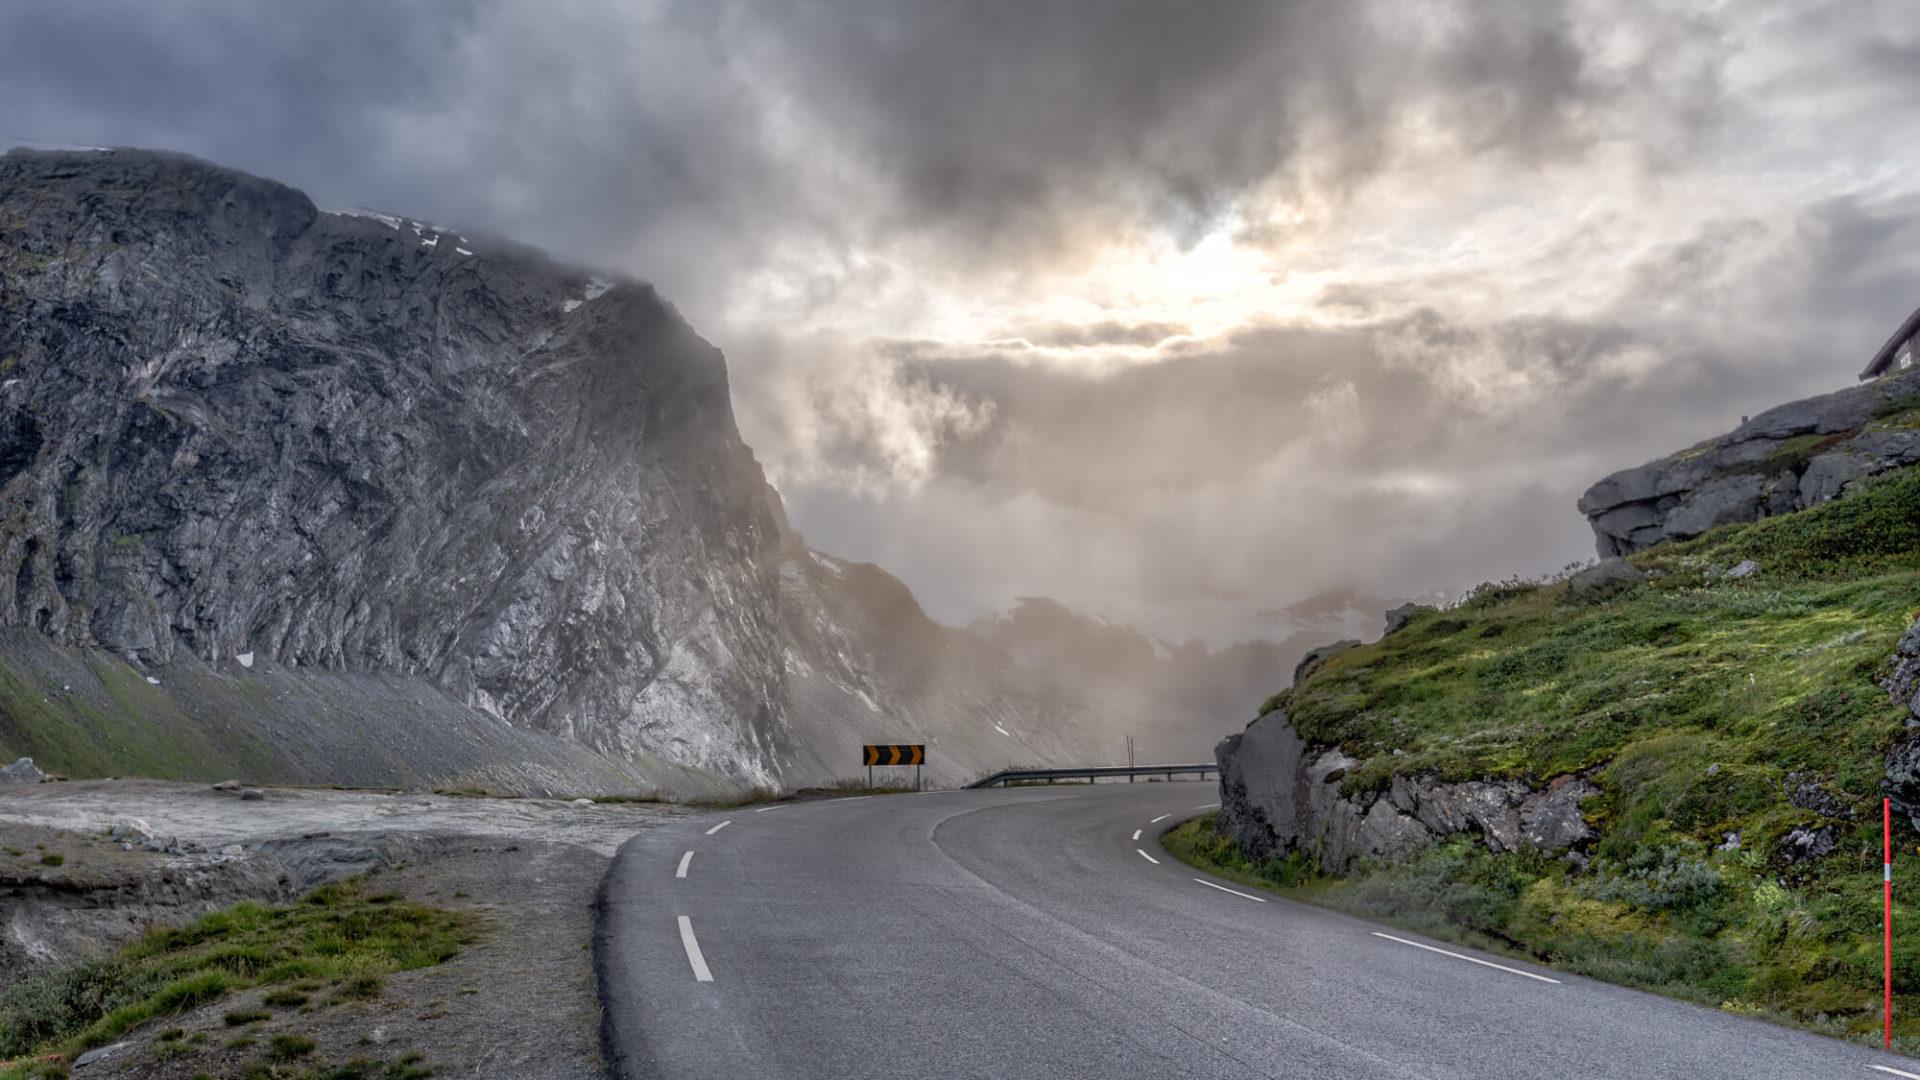 Strasse in Norwegen - Mit dem Auto nach Norwegen